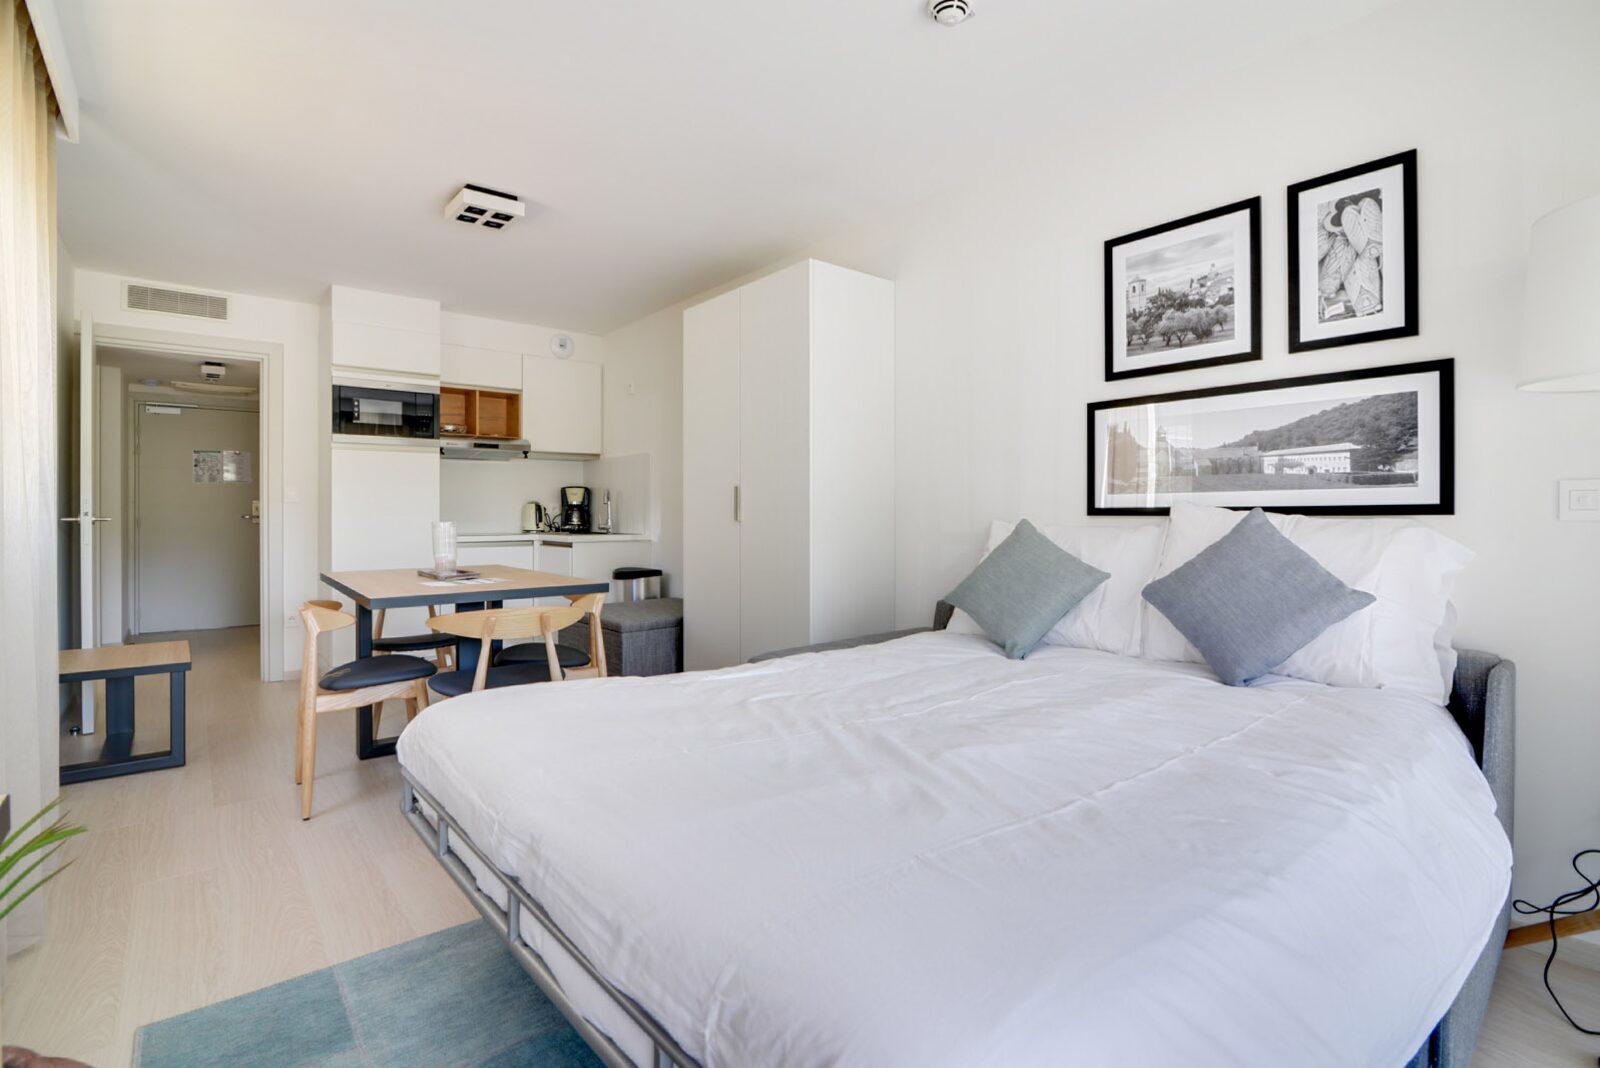 Appartement standard pour 4 personnes avec lit double et canapé-lit